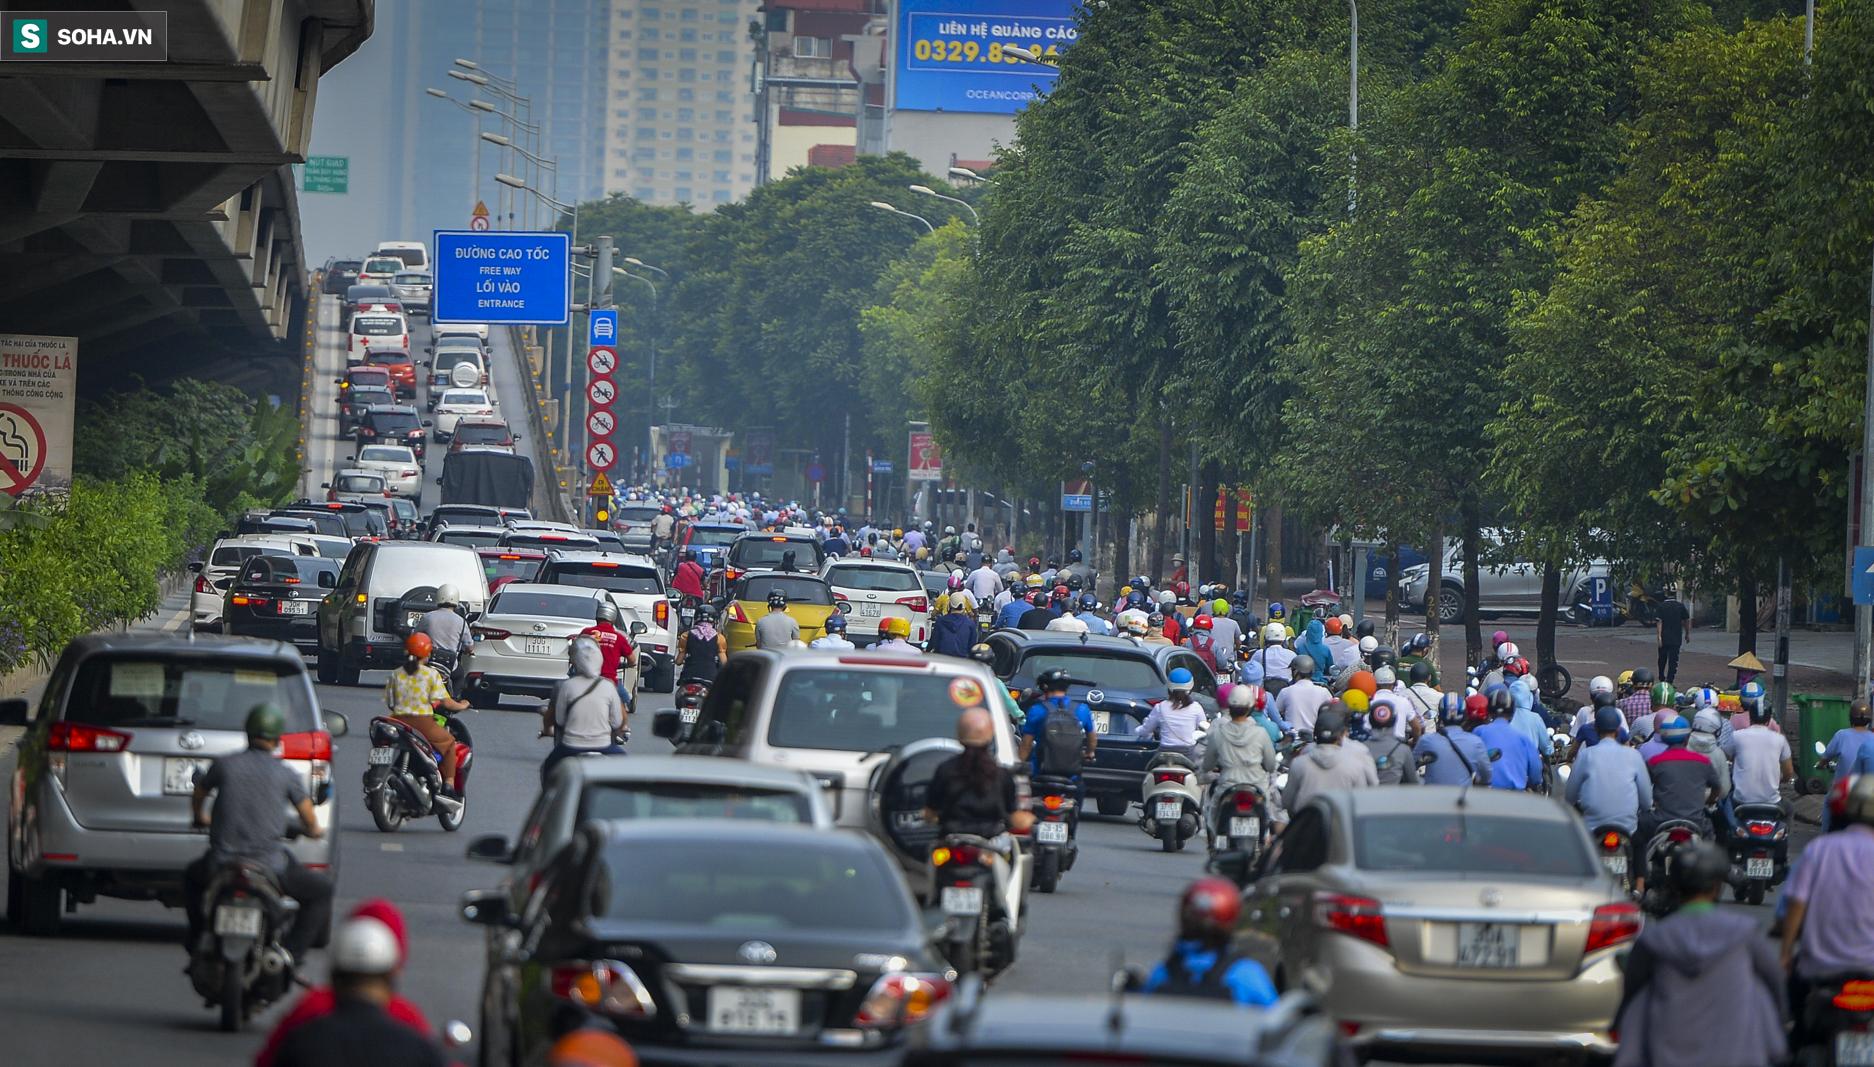 Ngày cuối giãn cách xã hội đợt 4, nhiều tuyến phố Hà Nội xe cộ tấp nập - Ảnh 6.